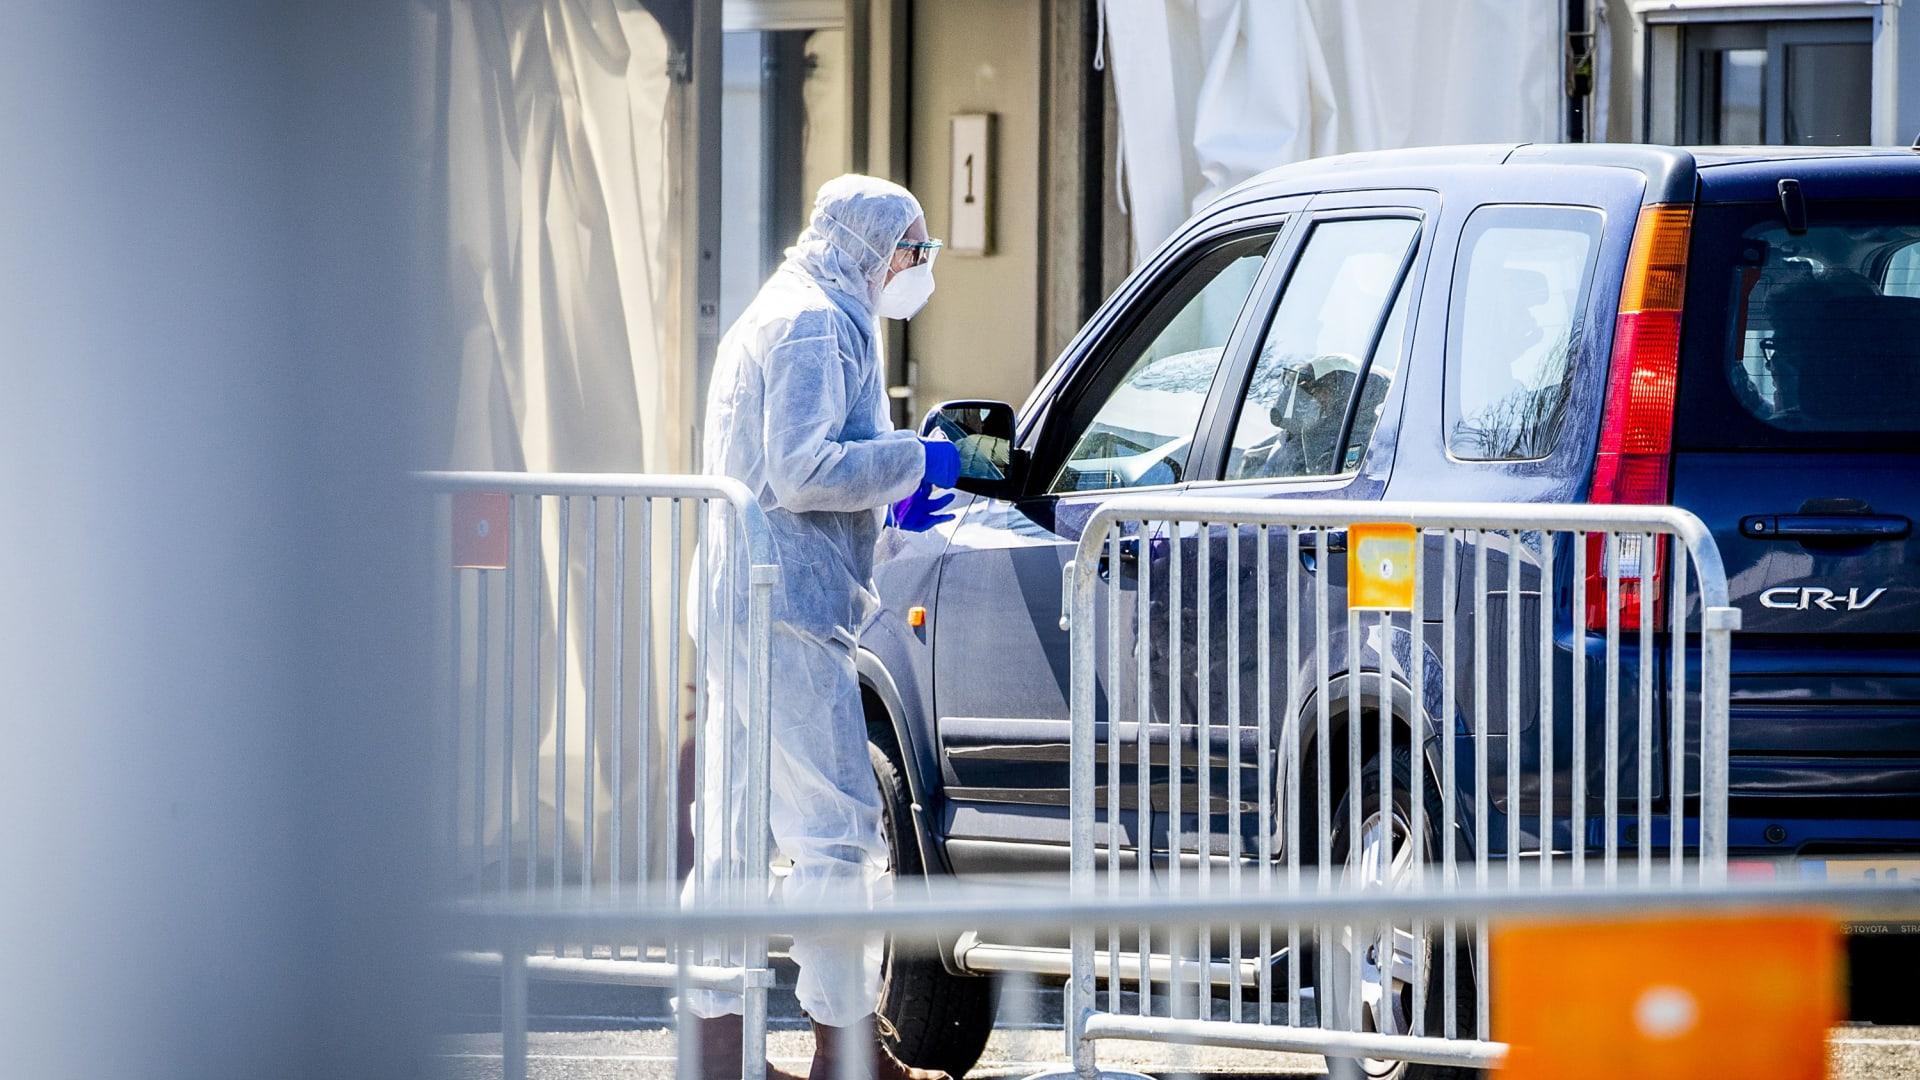 لأول مرة منذ تفشي الوباء.. إصابة شخص في هونغ كونغ بفيروس كورونا مرتين